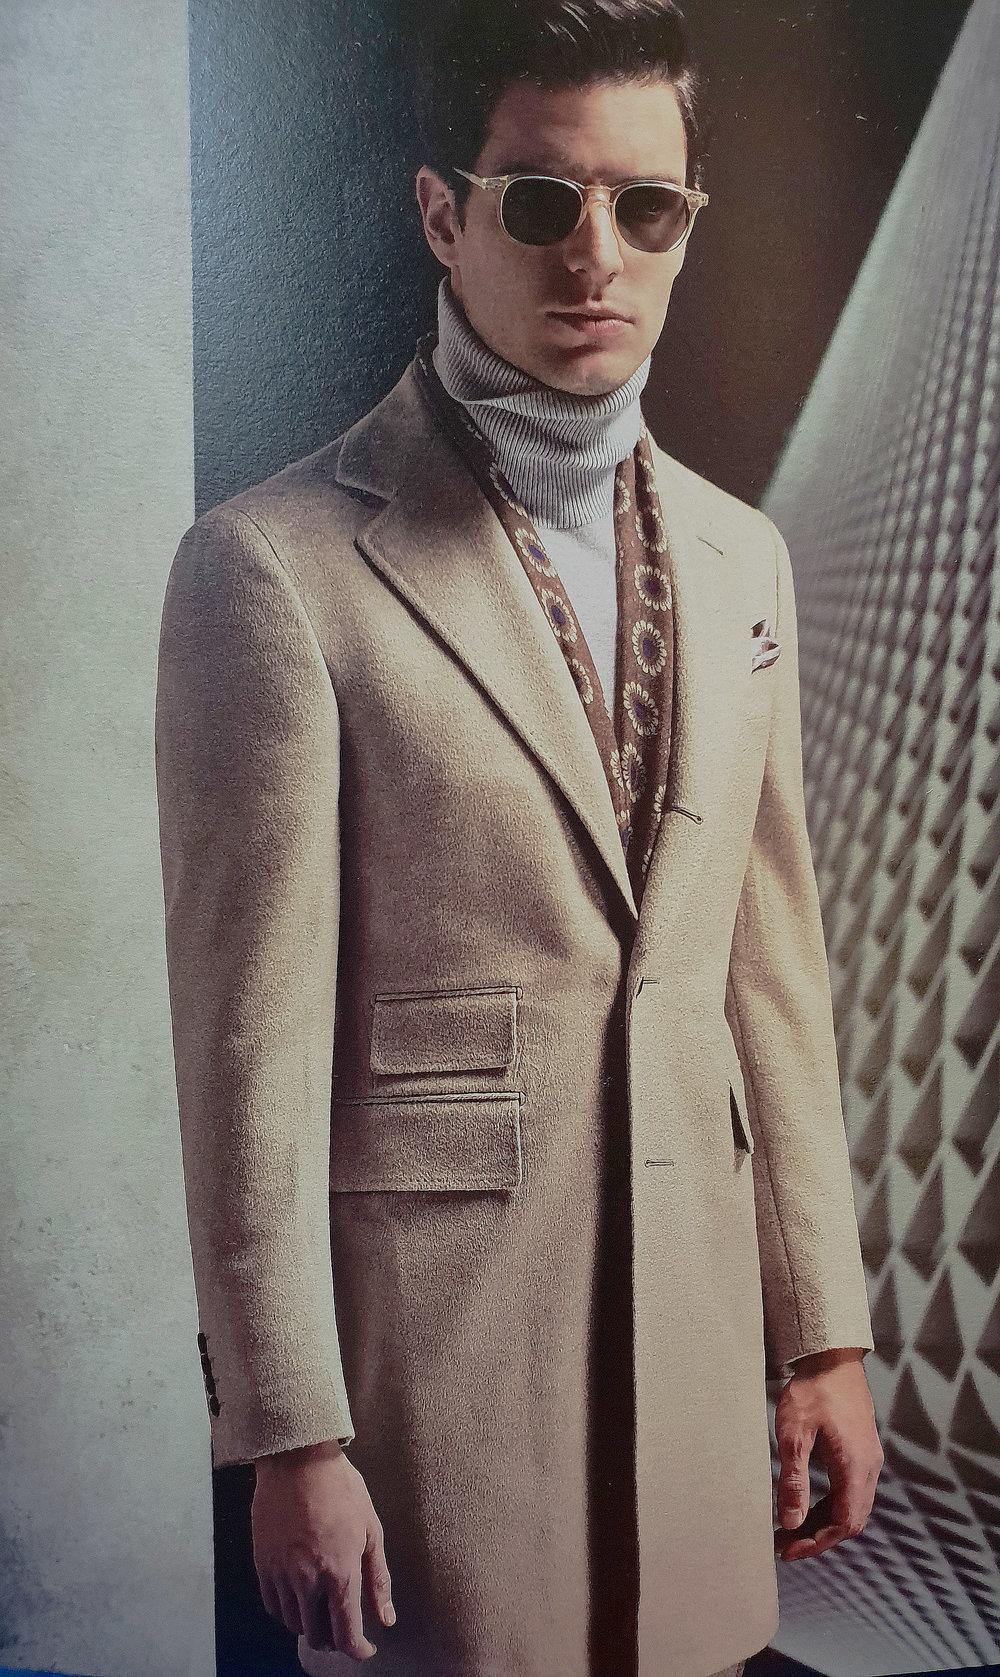 Beige Overcoat | Made Suits | Tailor made overcoat | bespoke overcoat | Made to measure overcoat STYLBIELLA Look.jpg